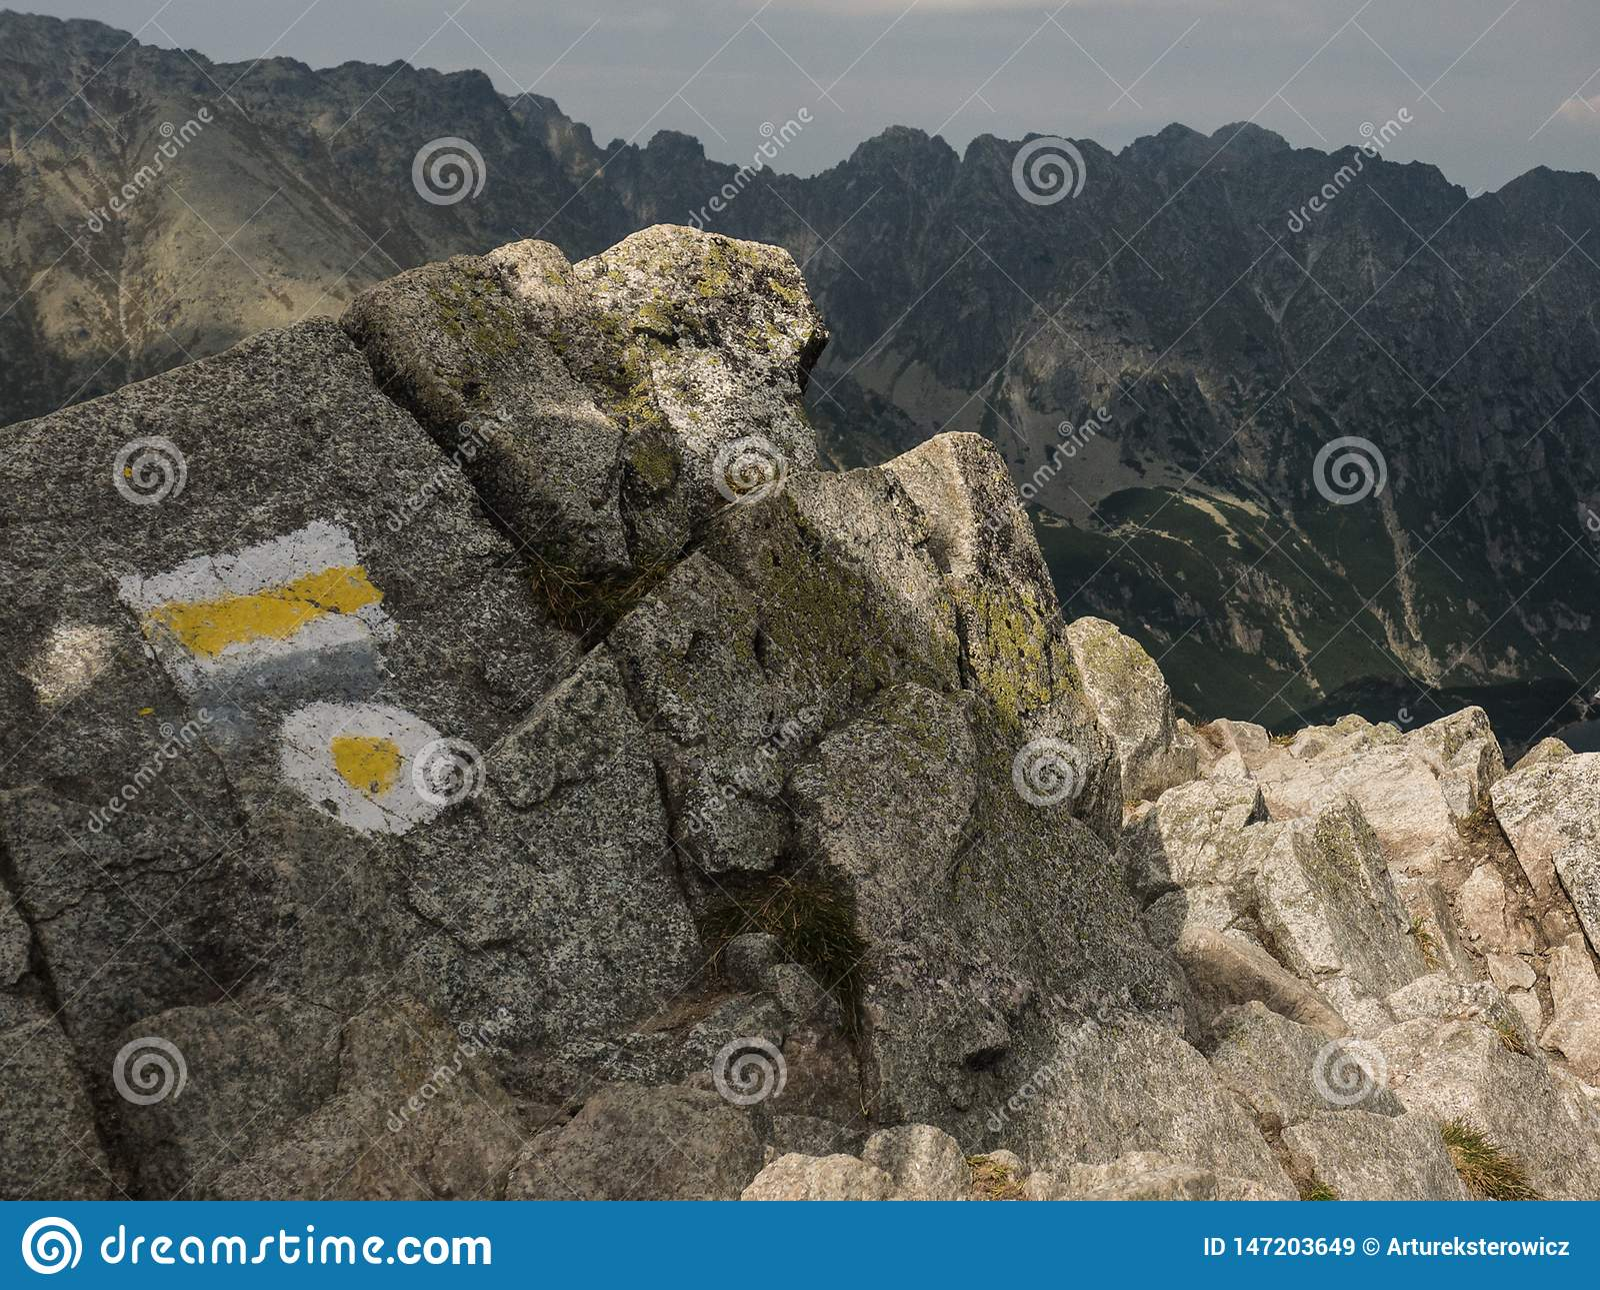 Symbole de la traînée de montagne sur la roche